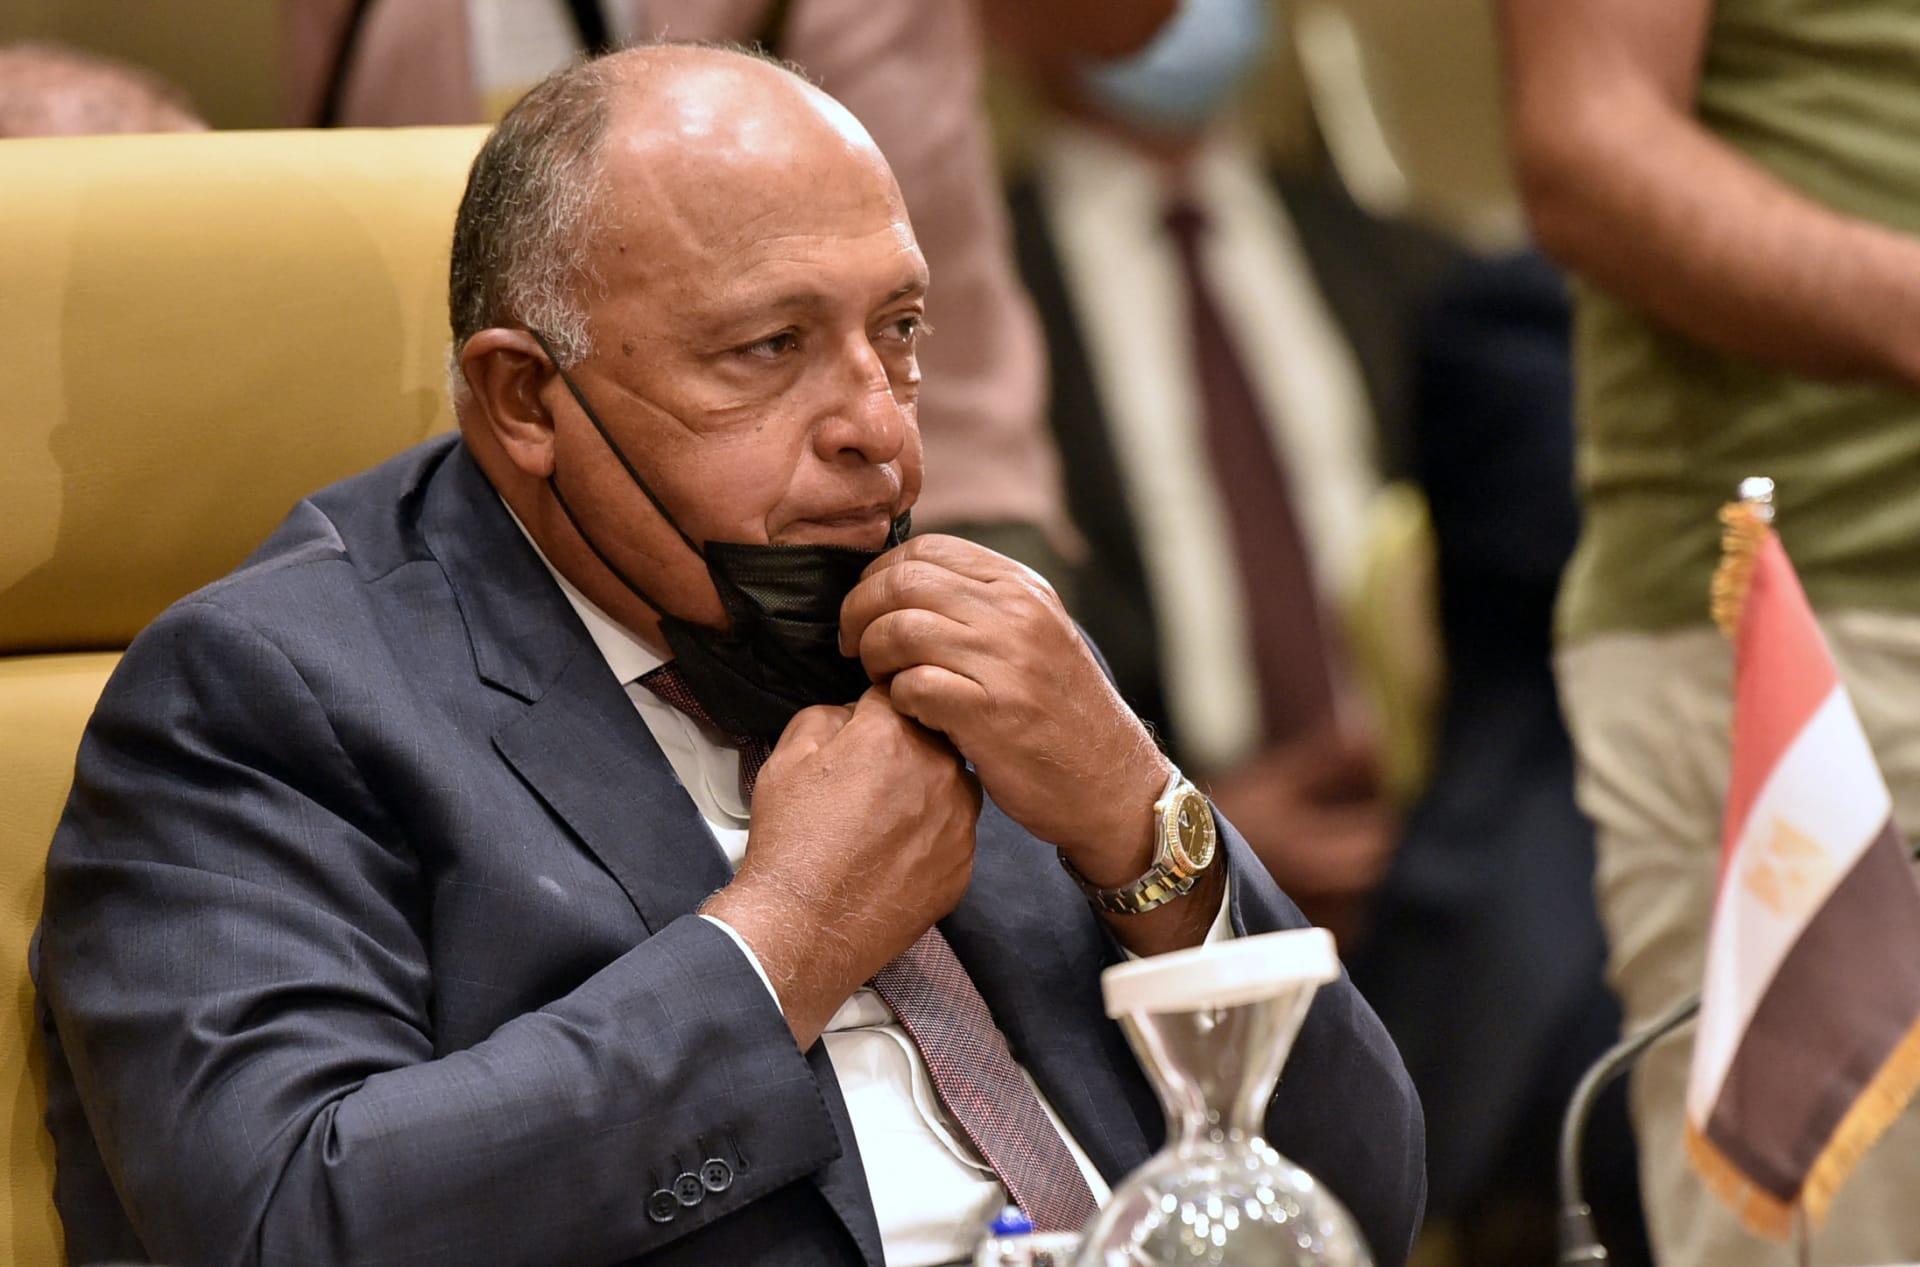 اتصال هاتفي بين وزيري خارجية مصر وإسرائيل.. فما الذي دار فيه؟